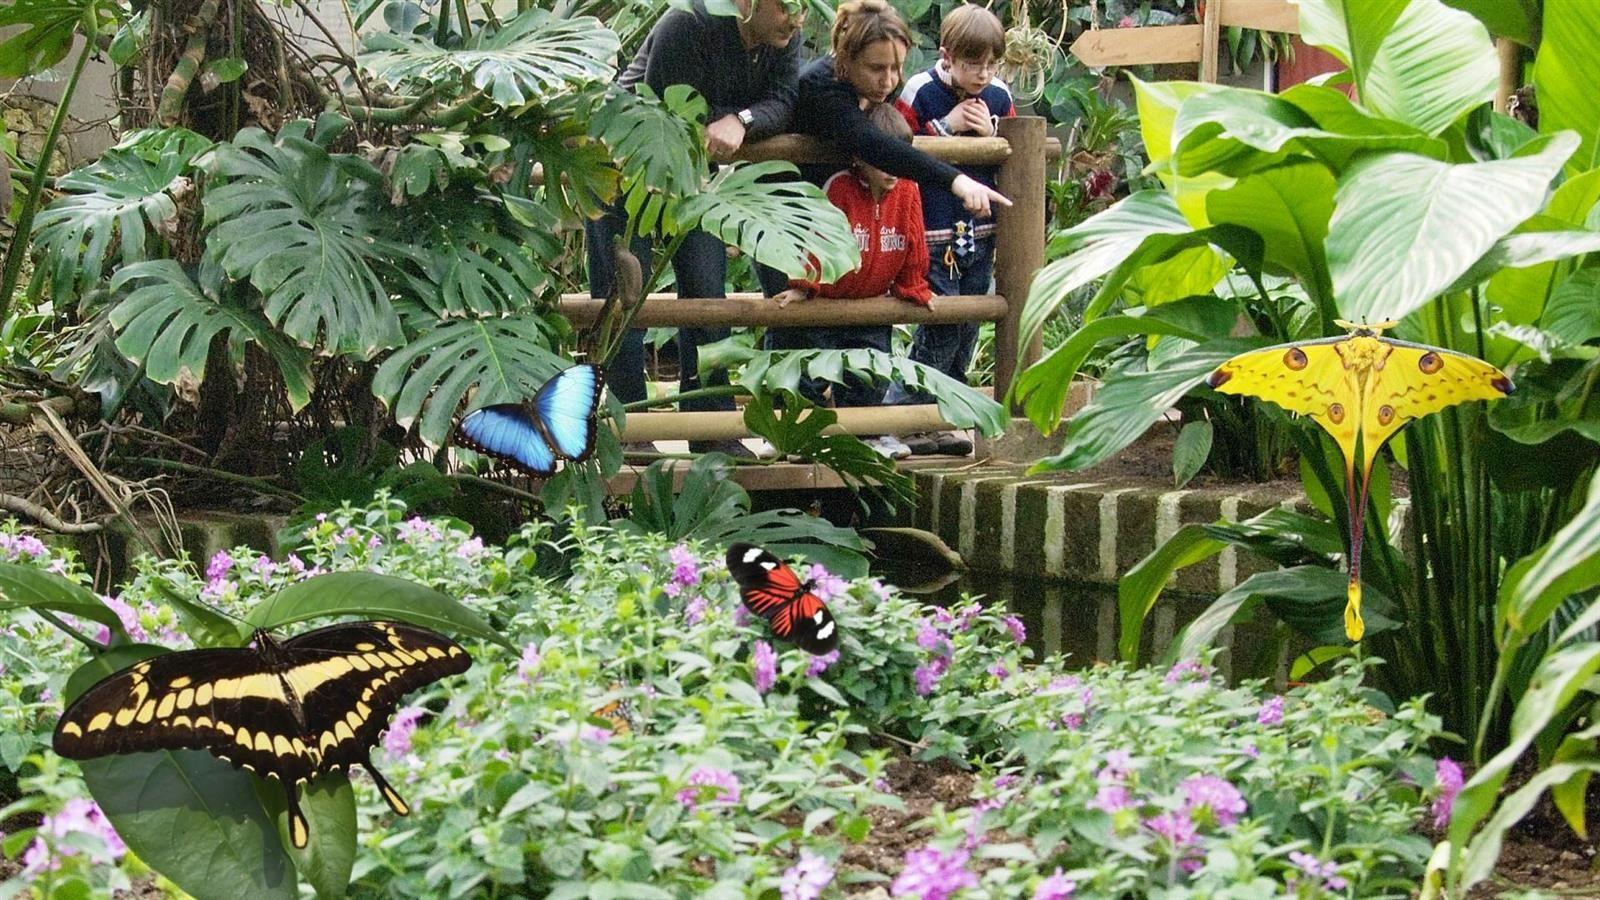 Bordano: Casa delle farfalle